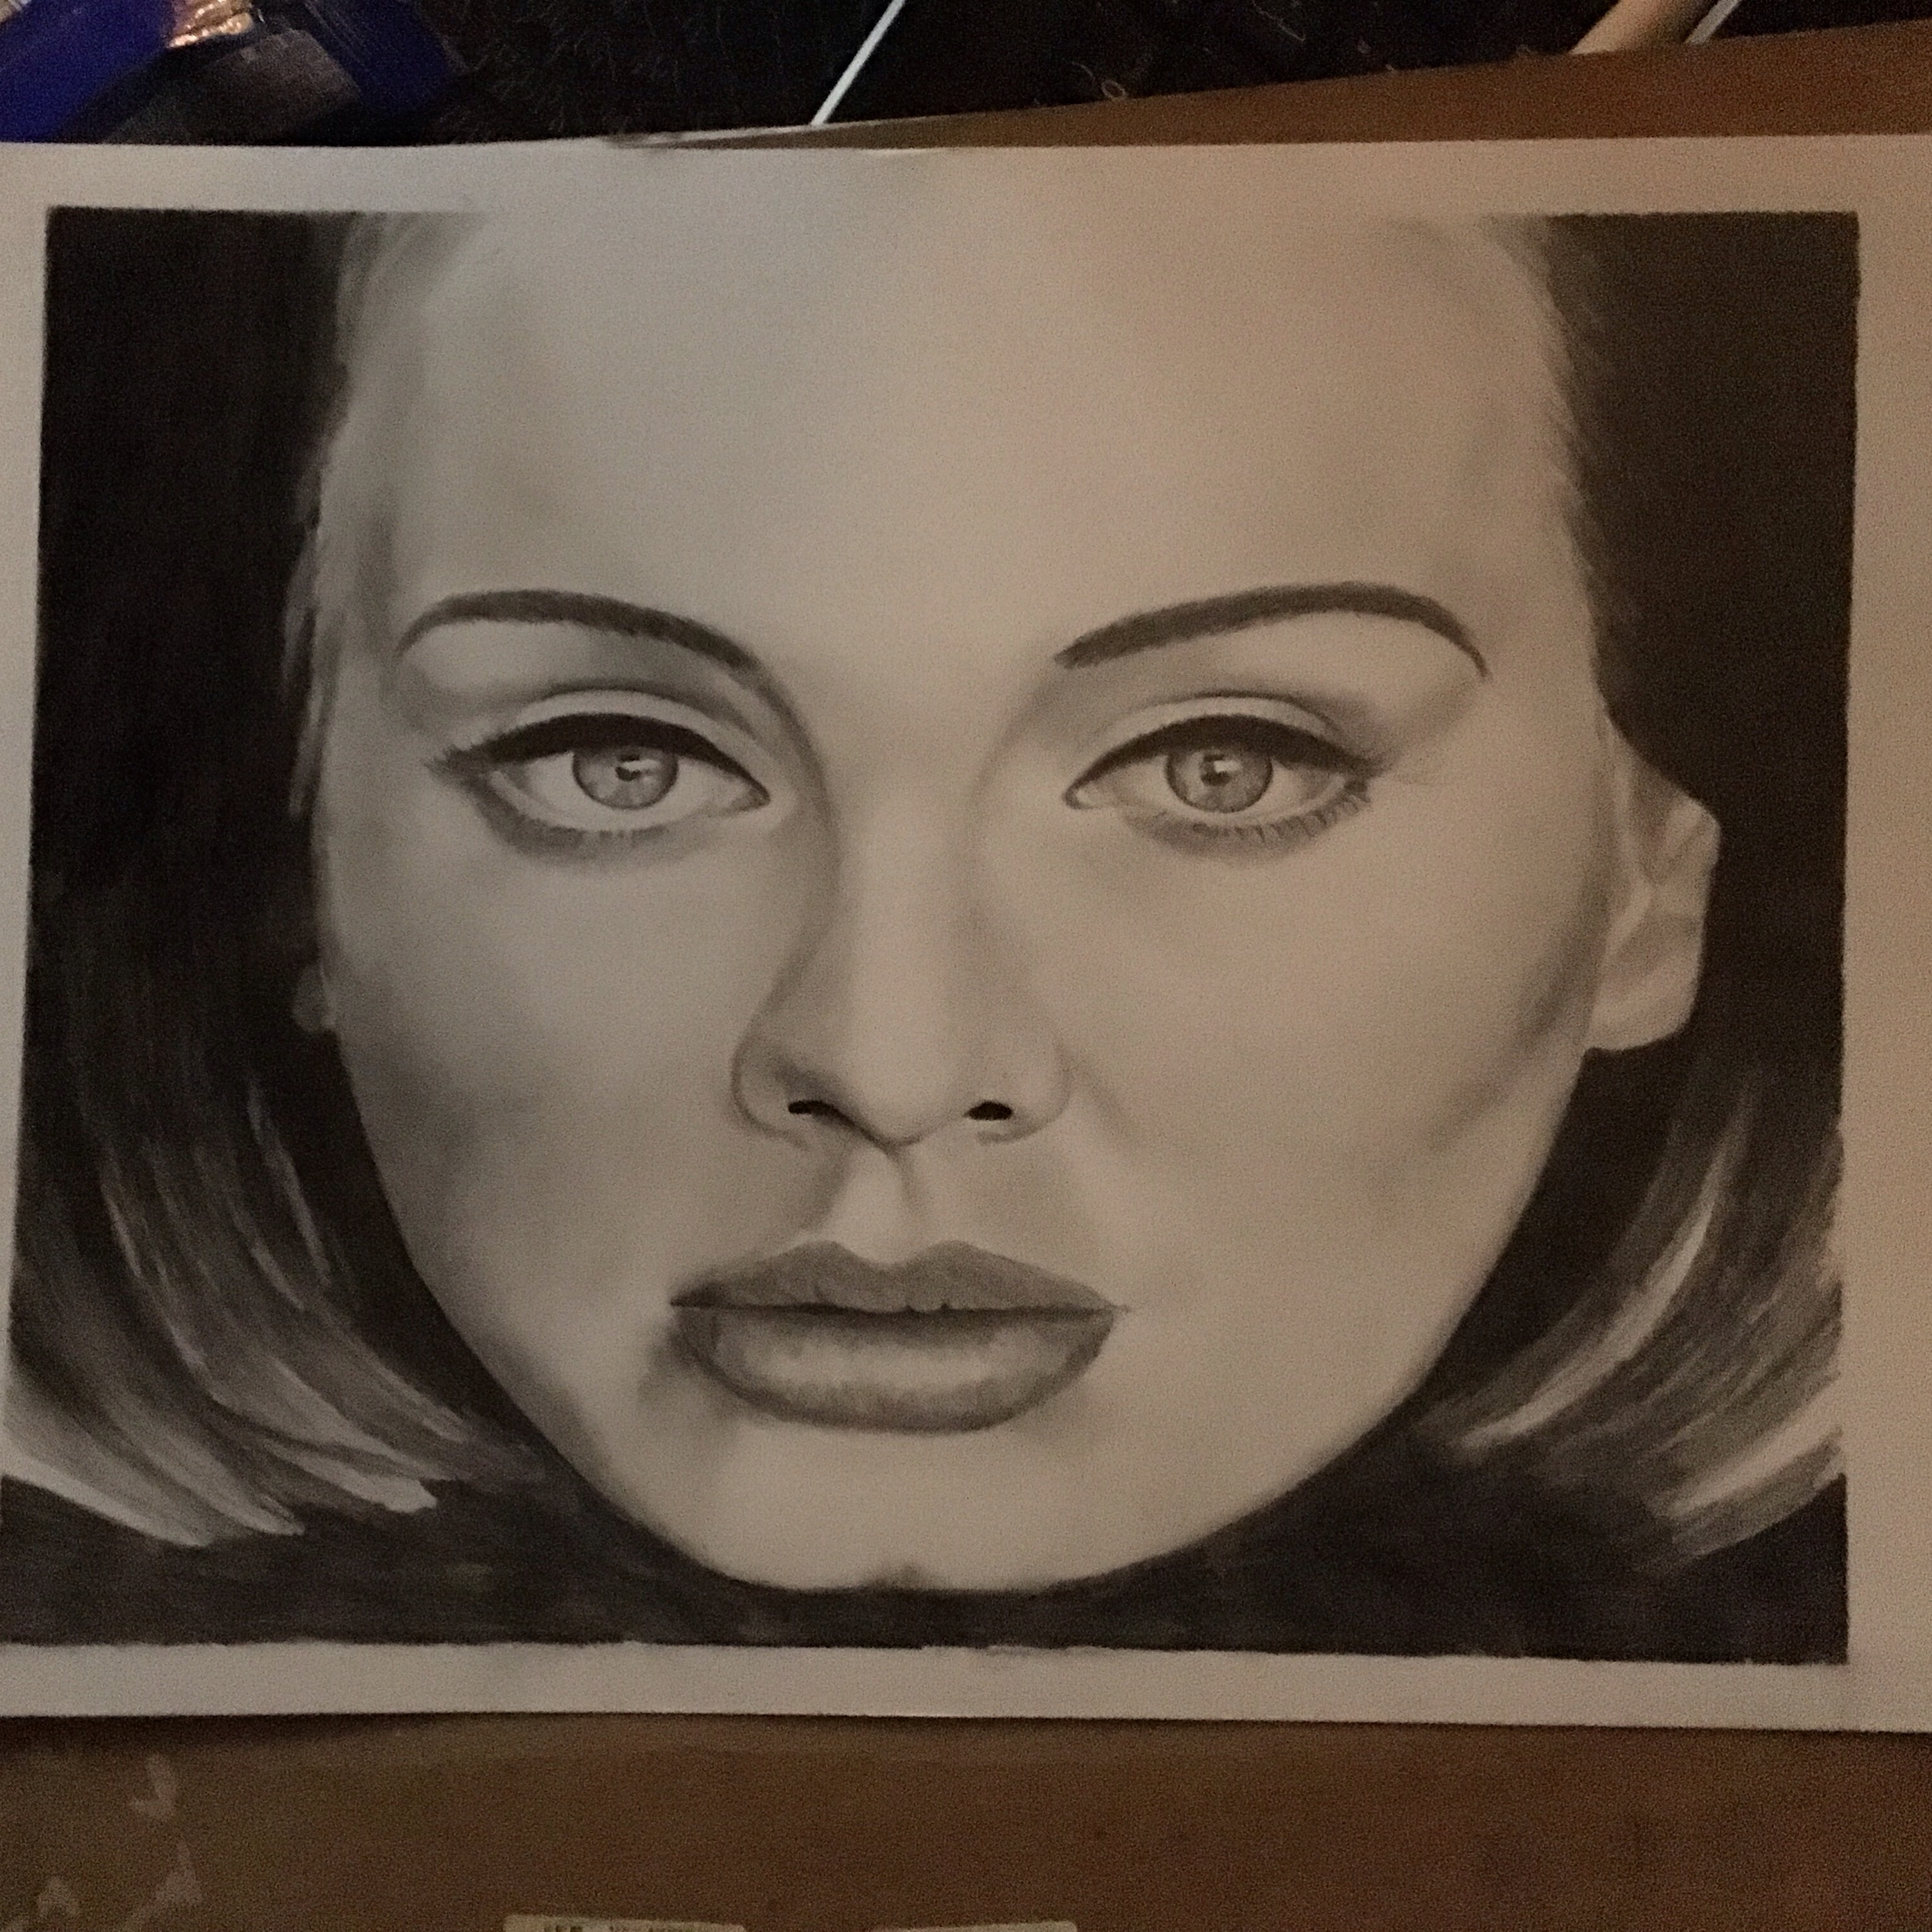 Adele-Hello drawing